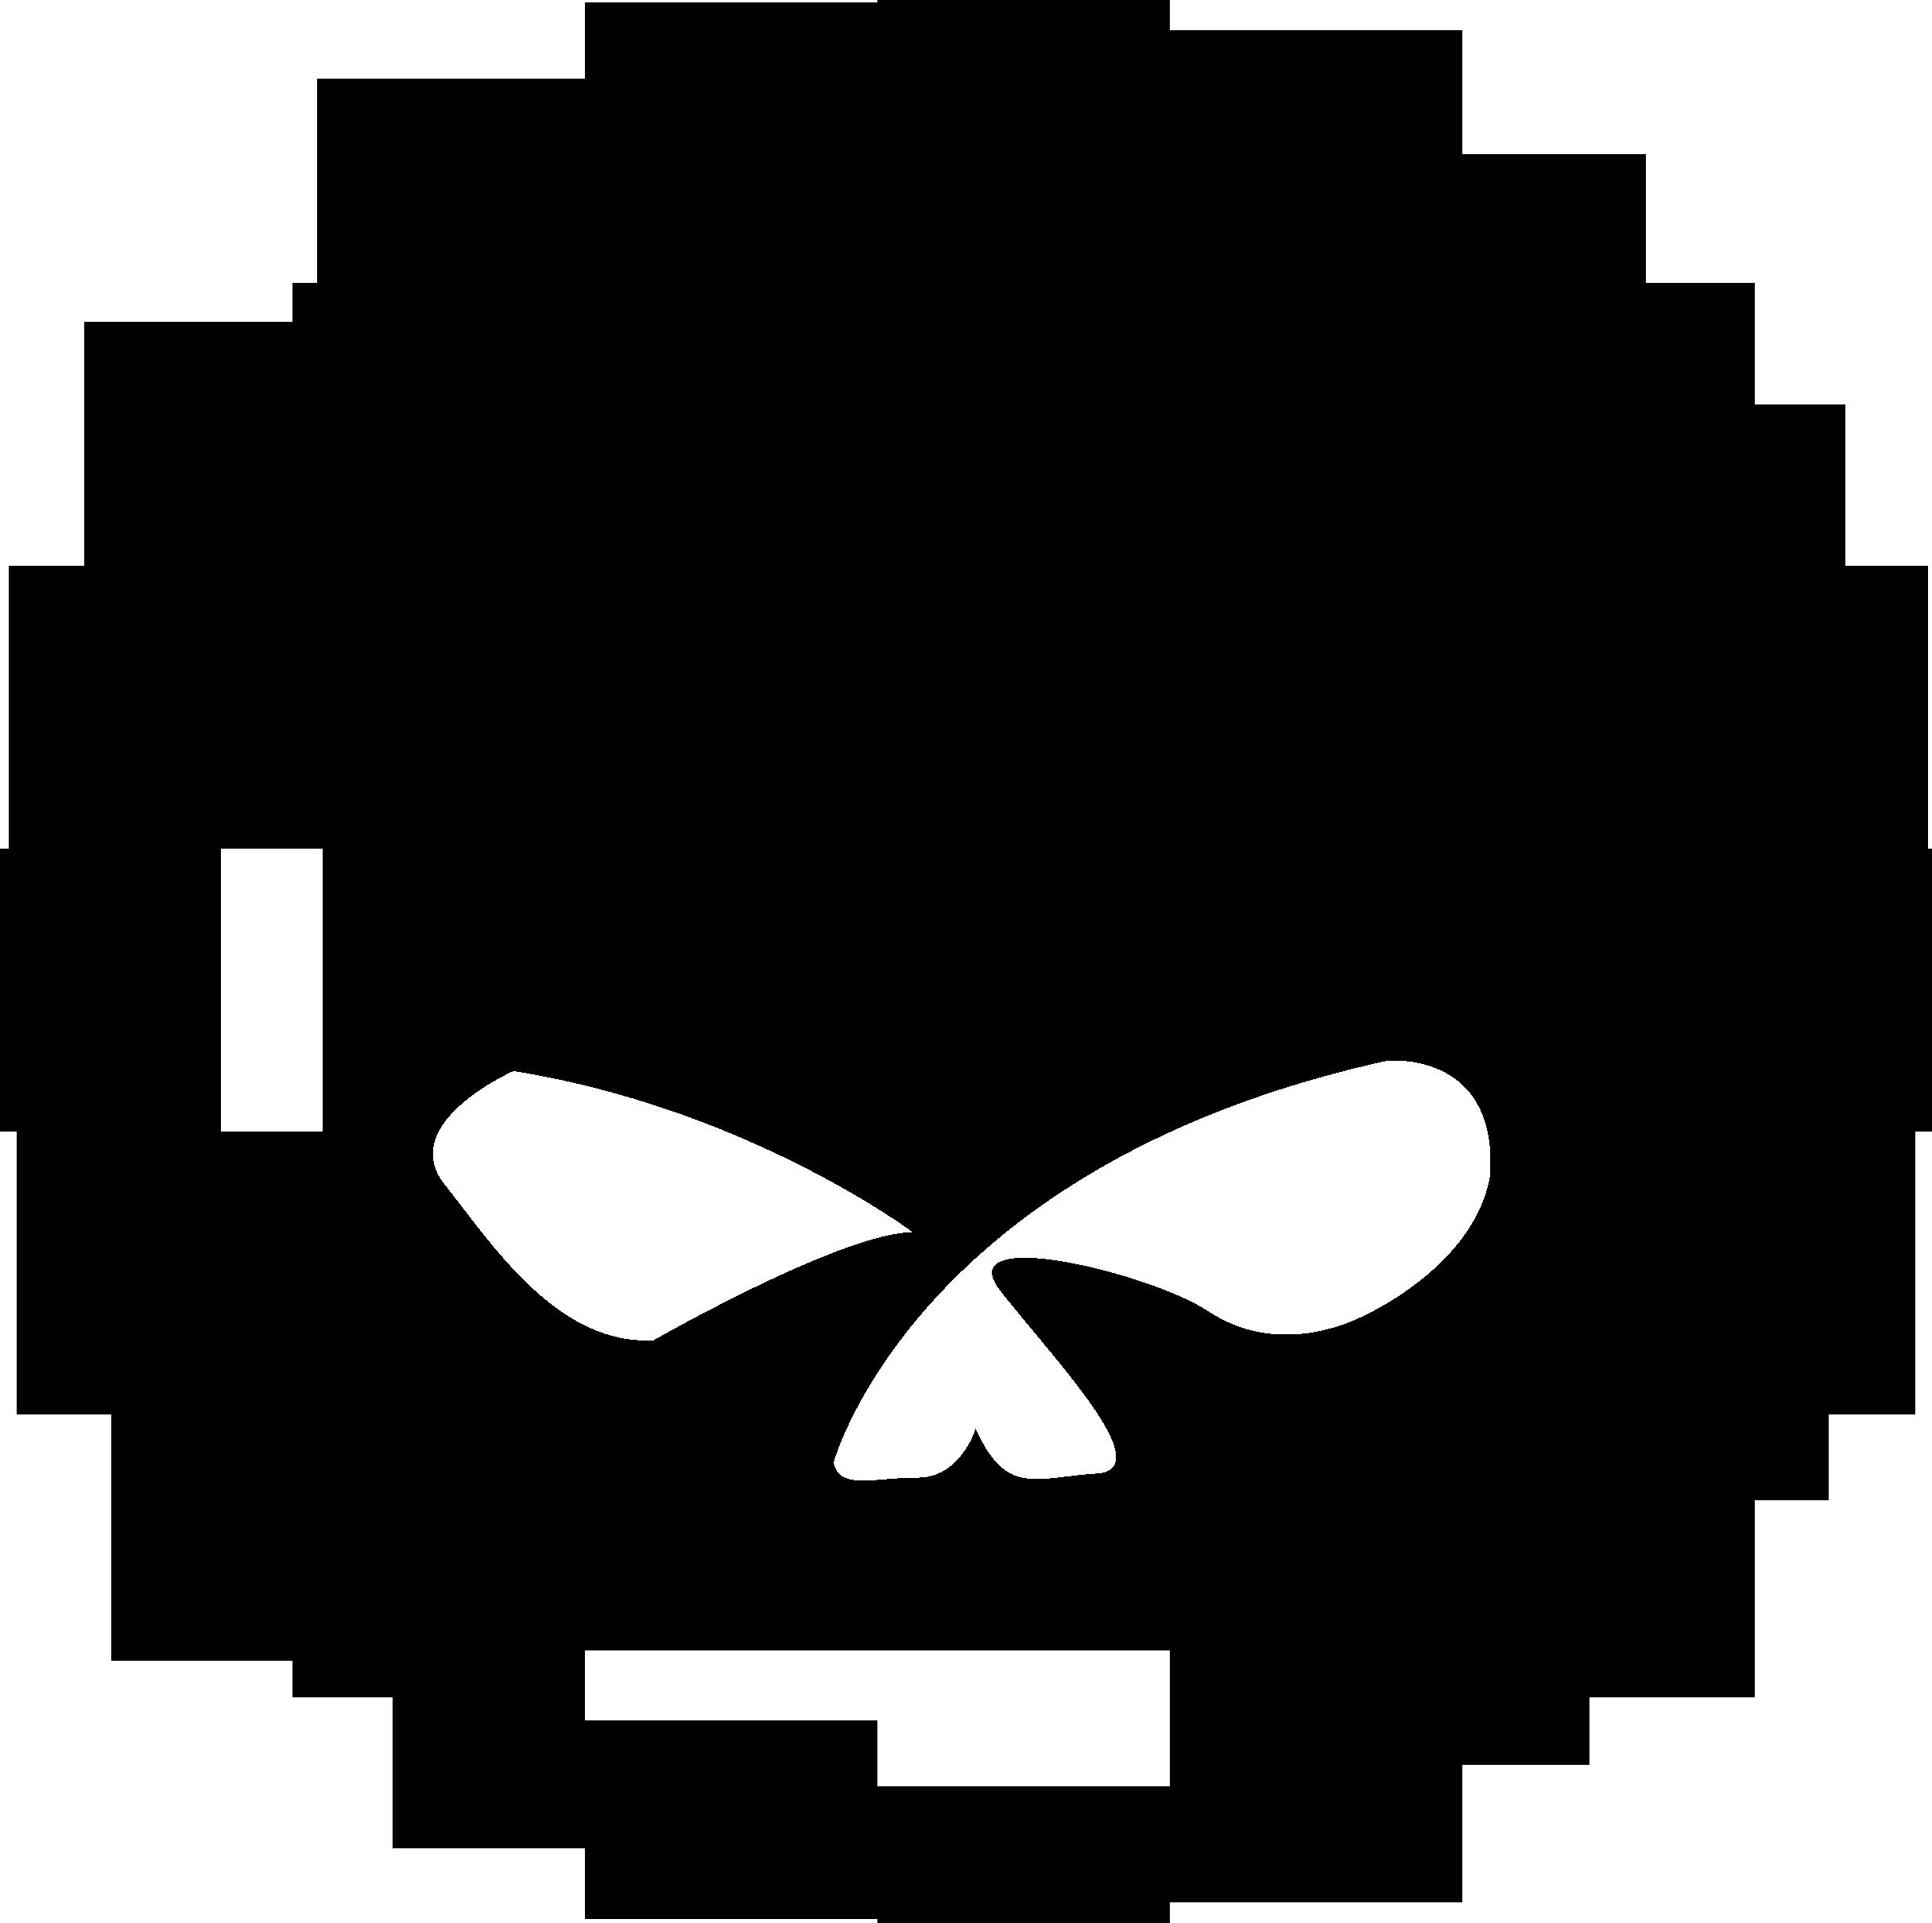 Willie G Skull logo.